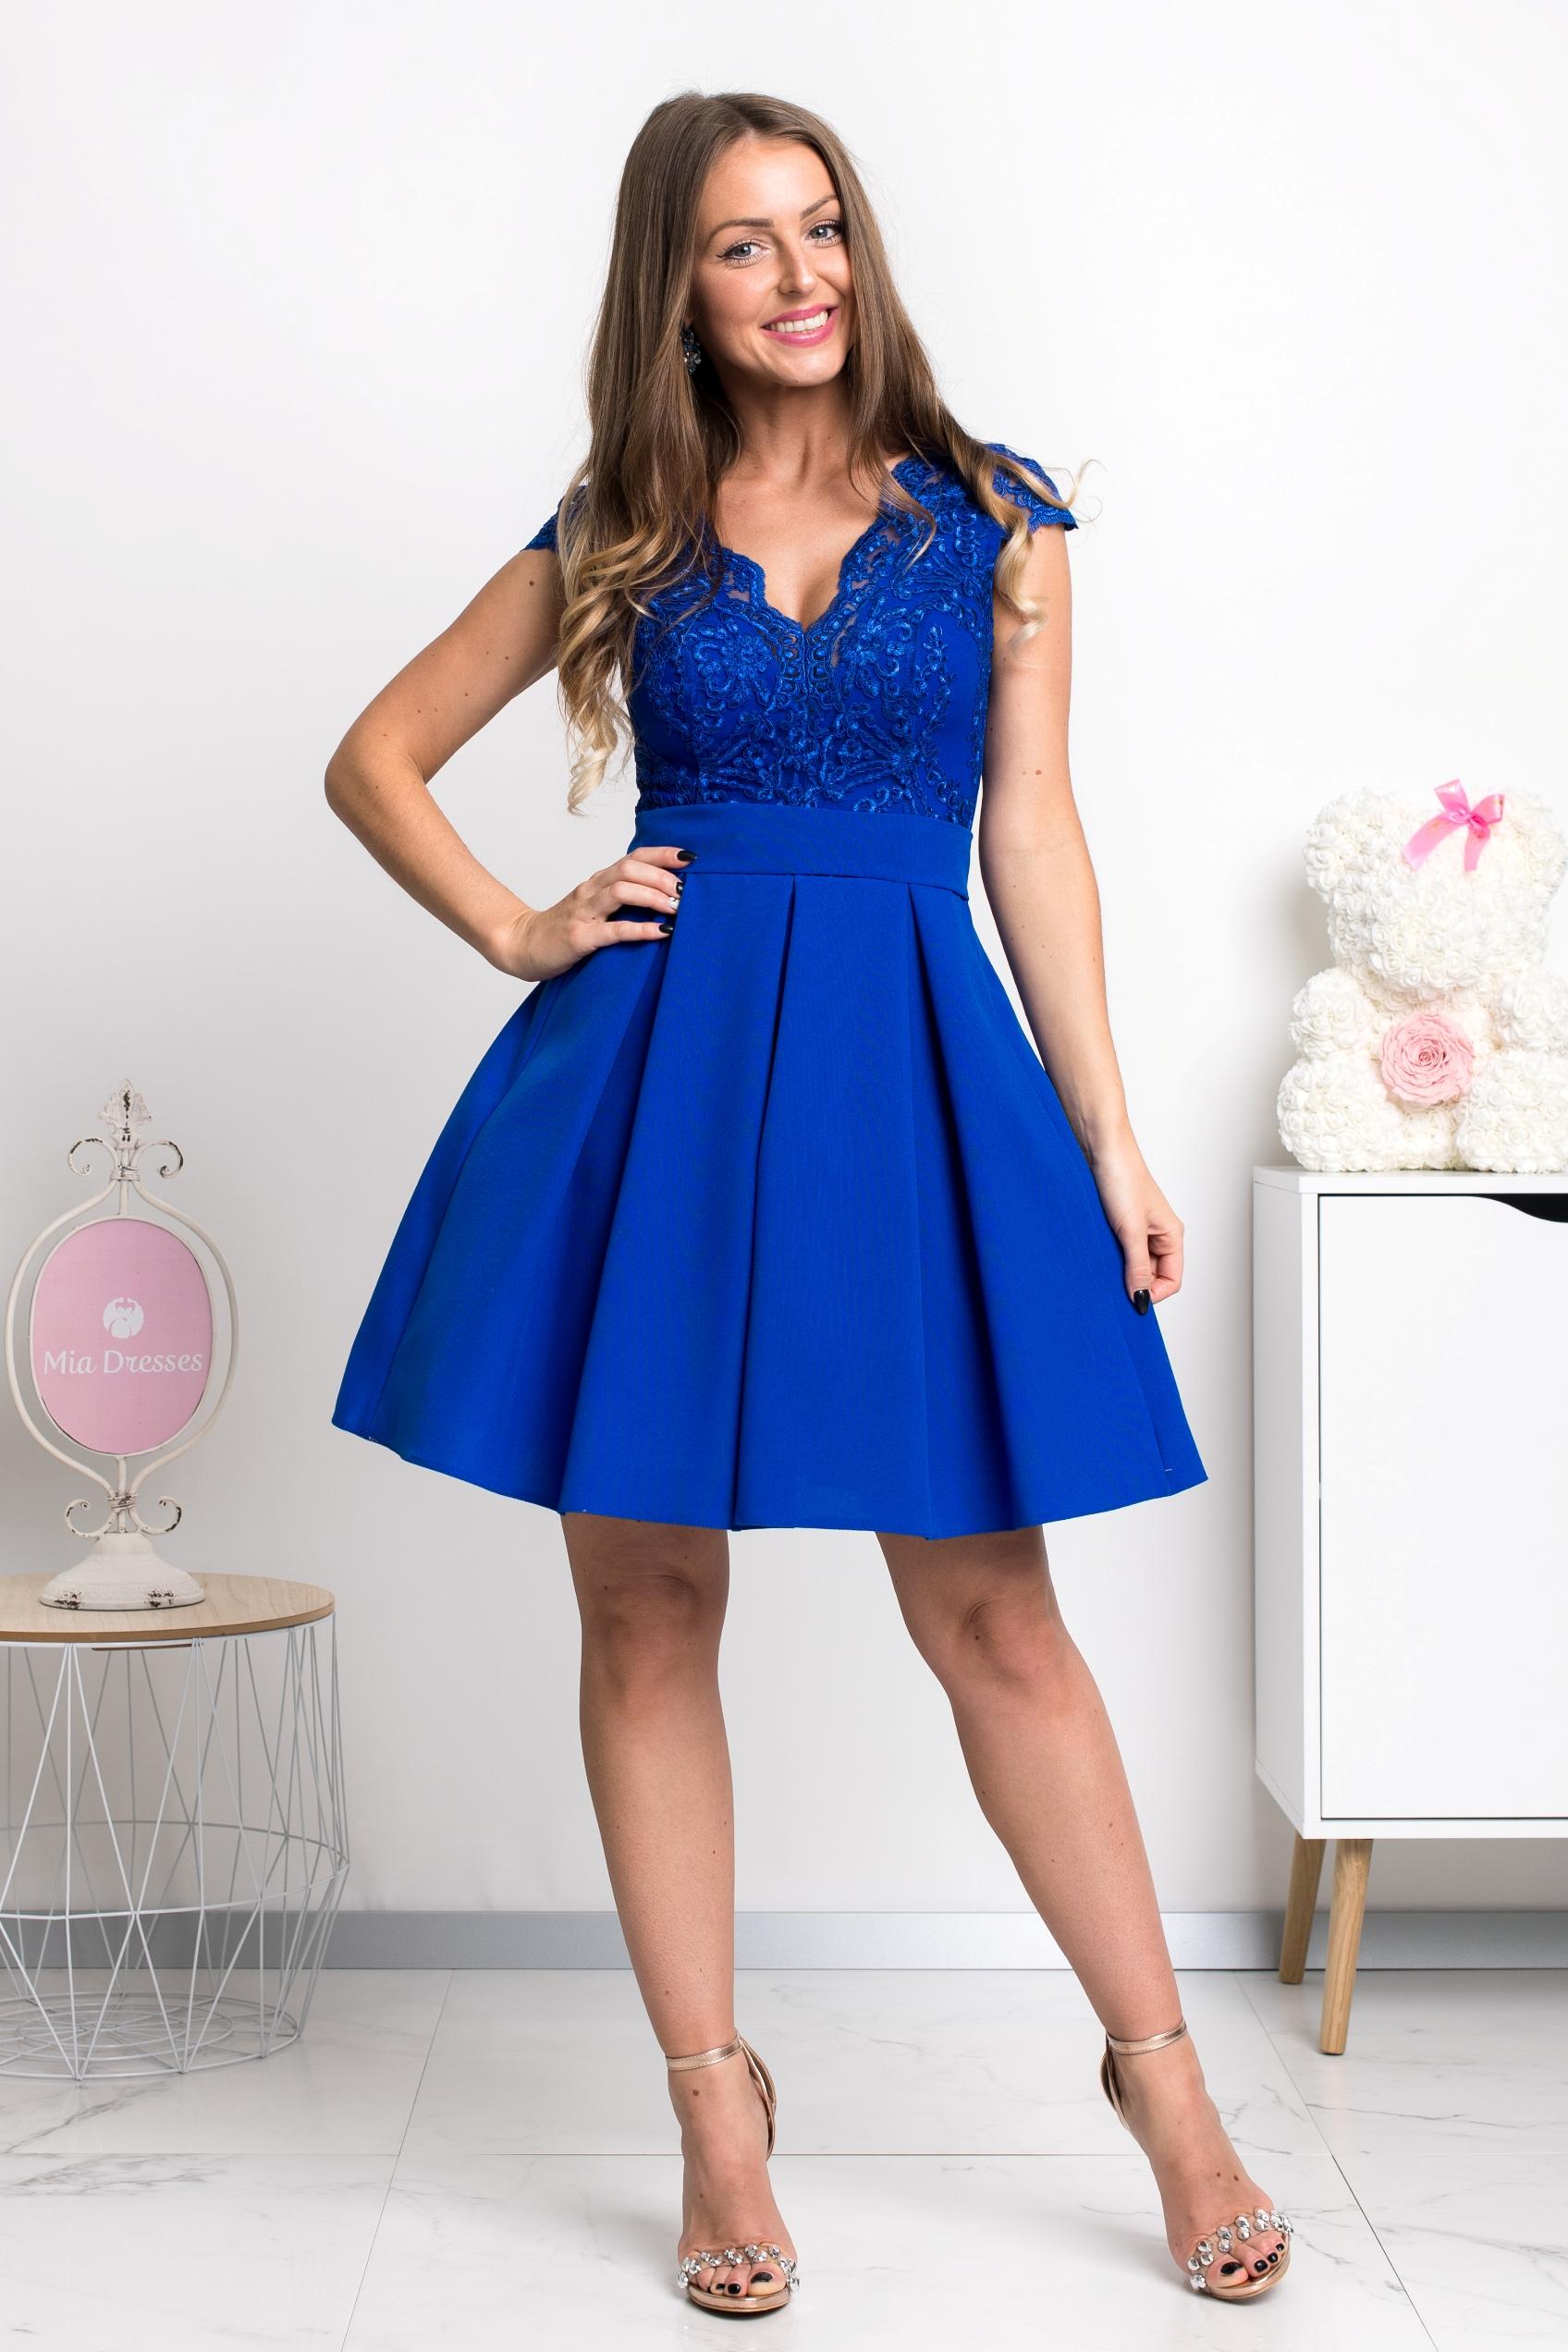 Modré spoločenské mini šaty s áčkovou sukňou Veľkosť: XS